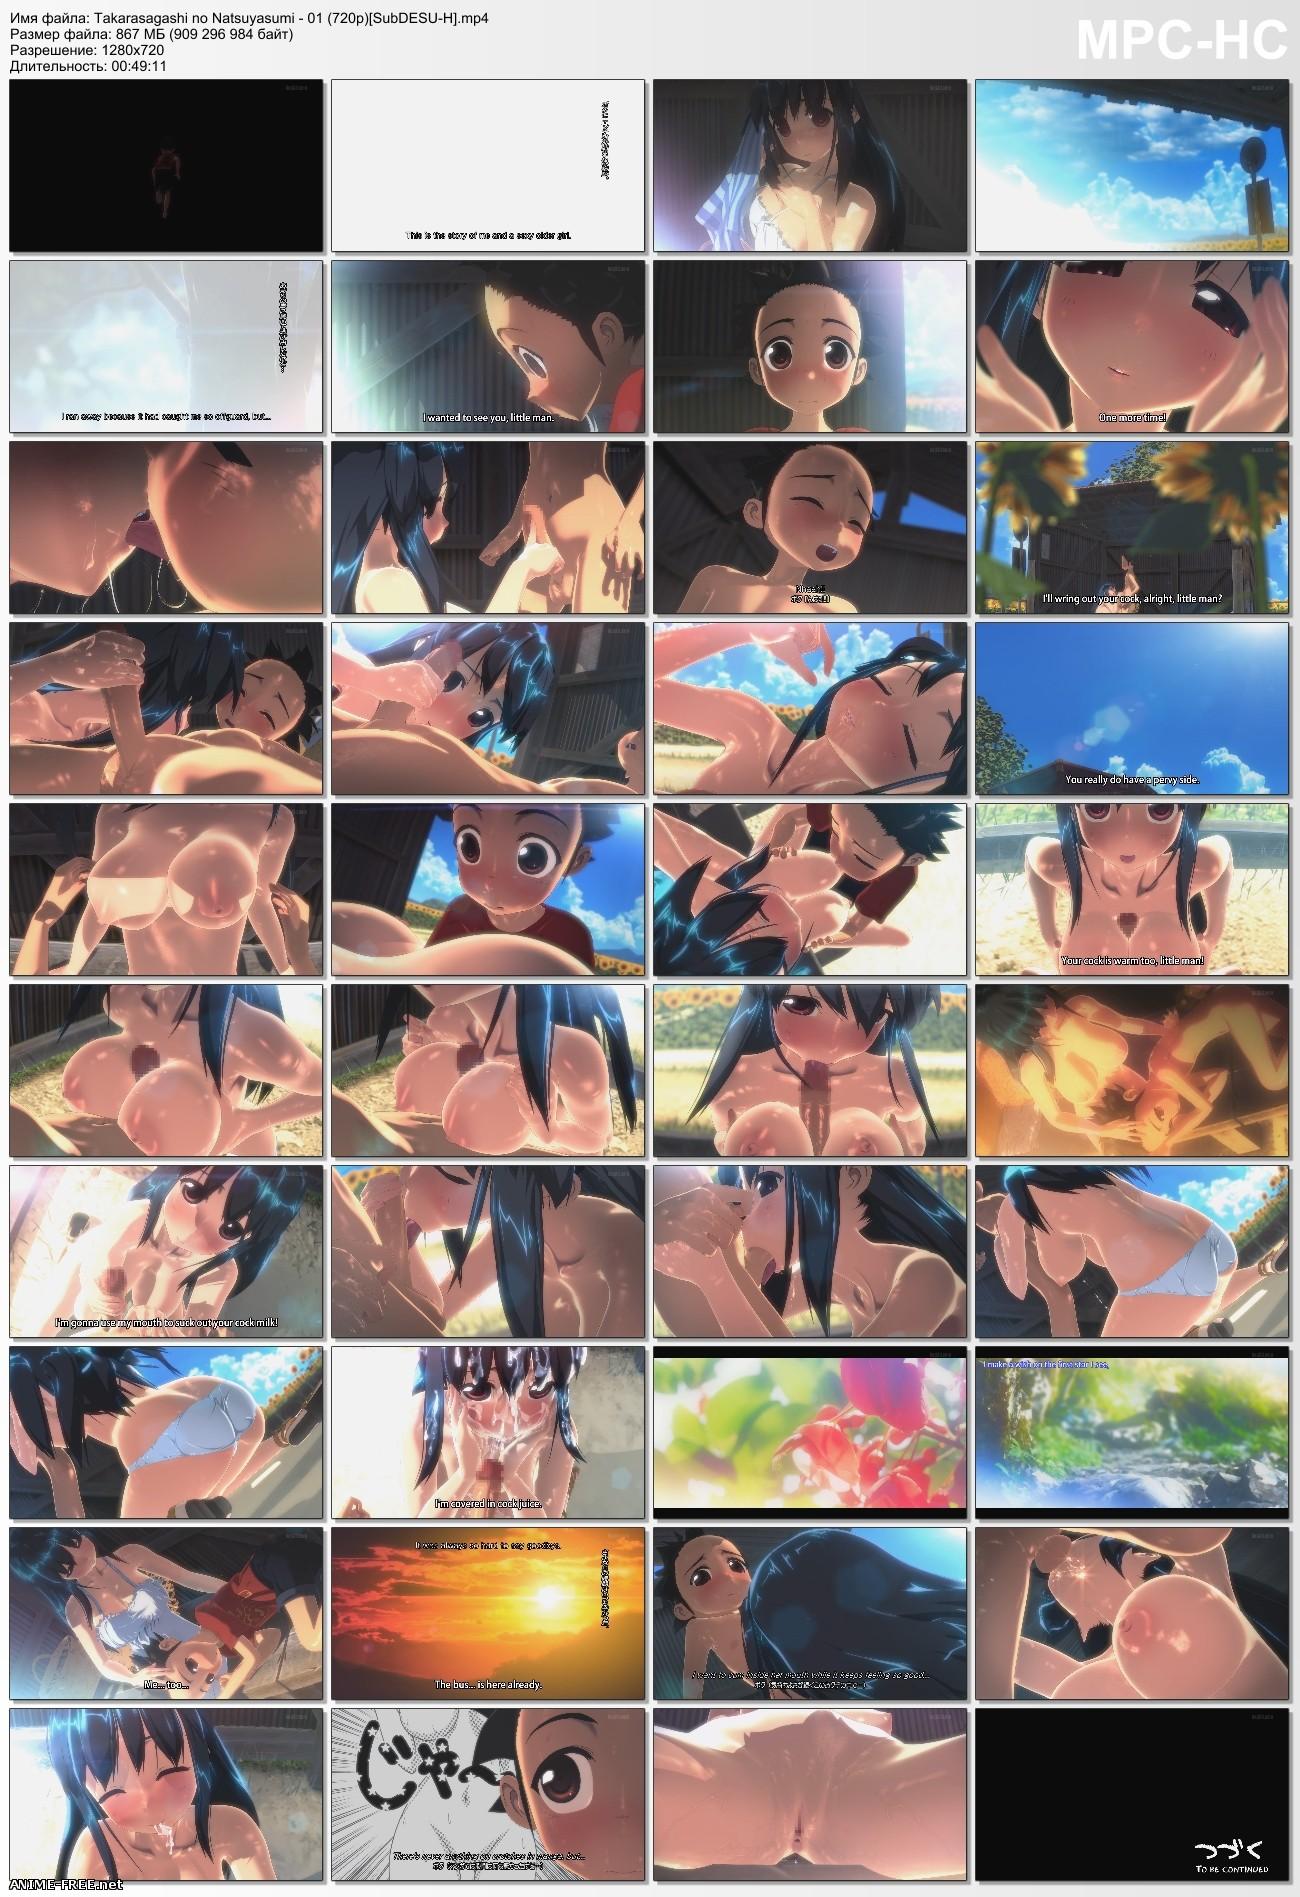 Takarasagashi no Natsuyasumi (First Part) [2014] [Cen] [720p] [ENG,JAP] 3D-Hentai